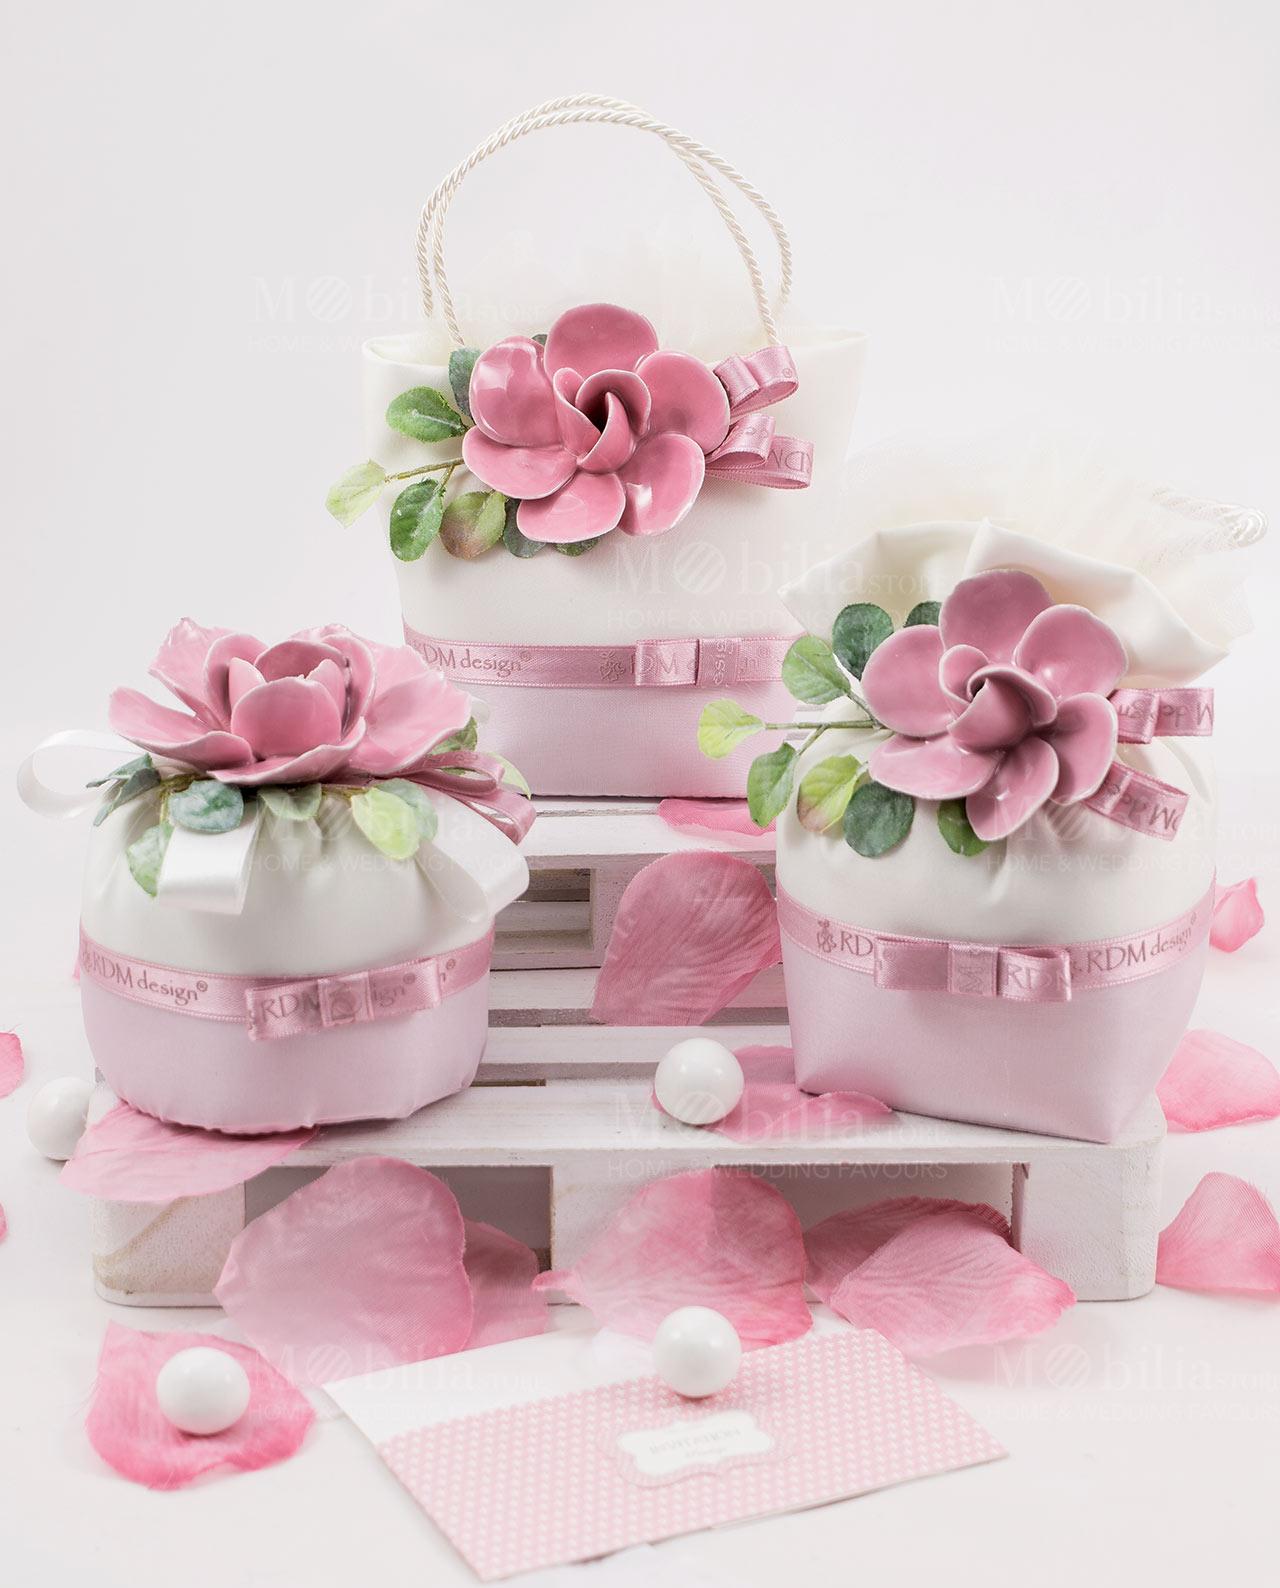 Fiori Bianchi Bomboniere.Bomboniera Sacchetto Con Fiore Rosa Linea Blush Rdm Design